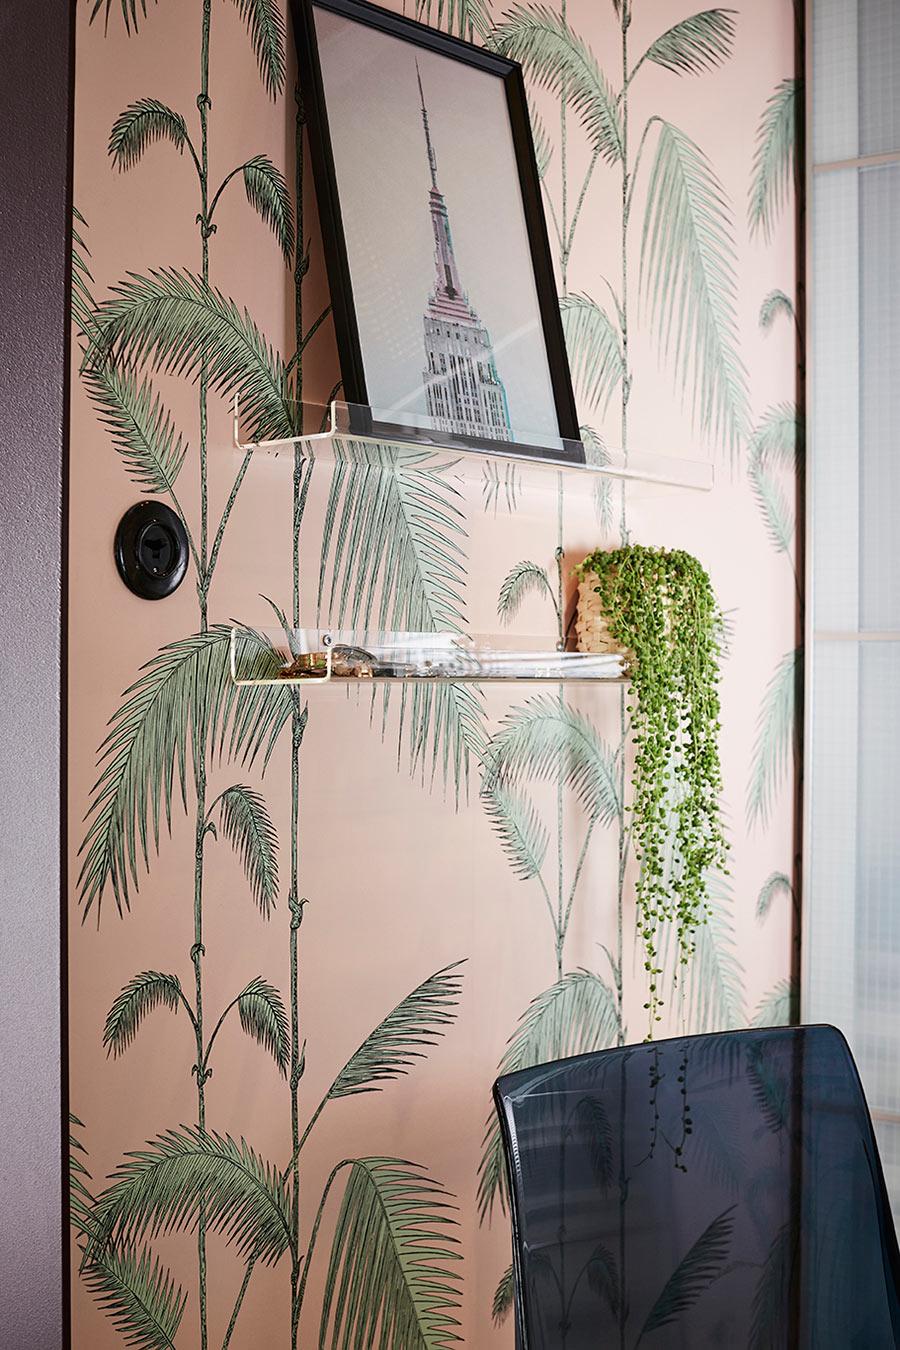 catalogo ikea 2020 estanterías de plástico transparentes novedad en decoración